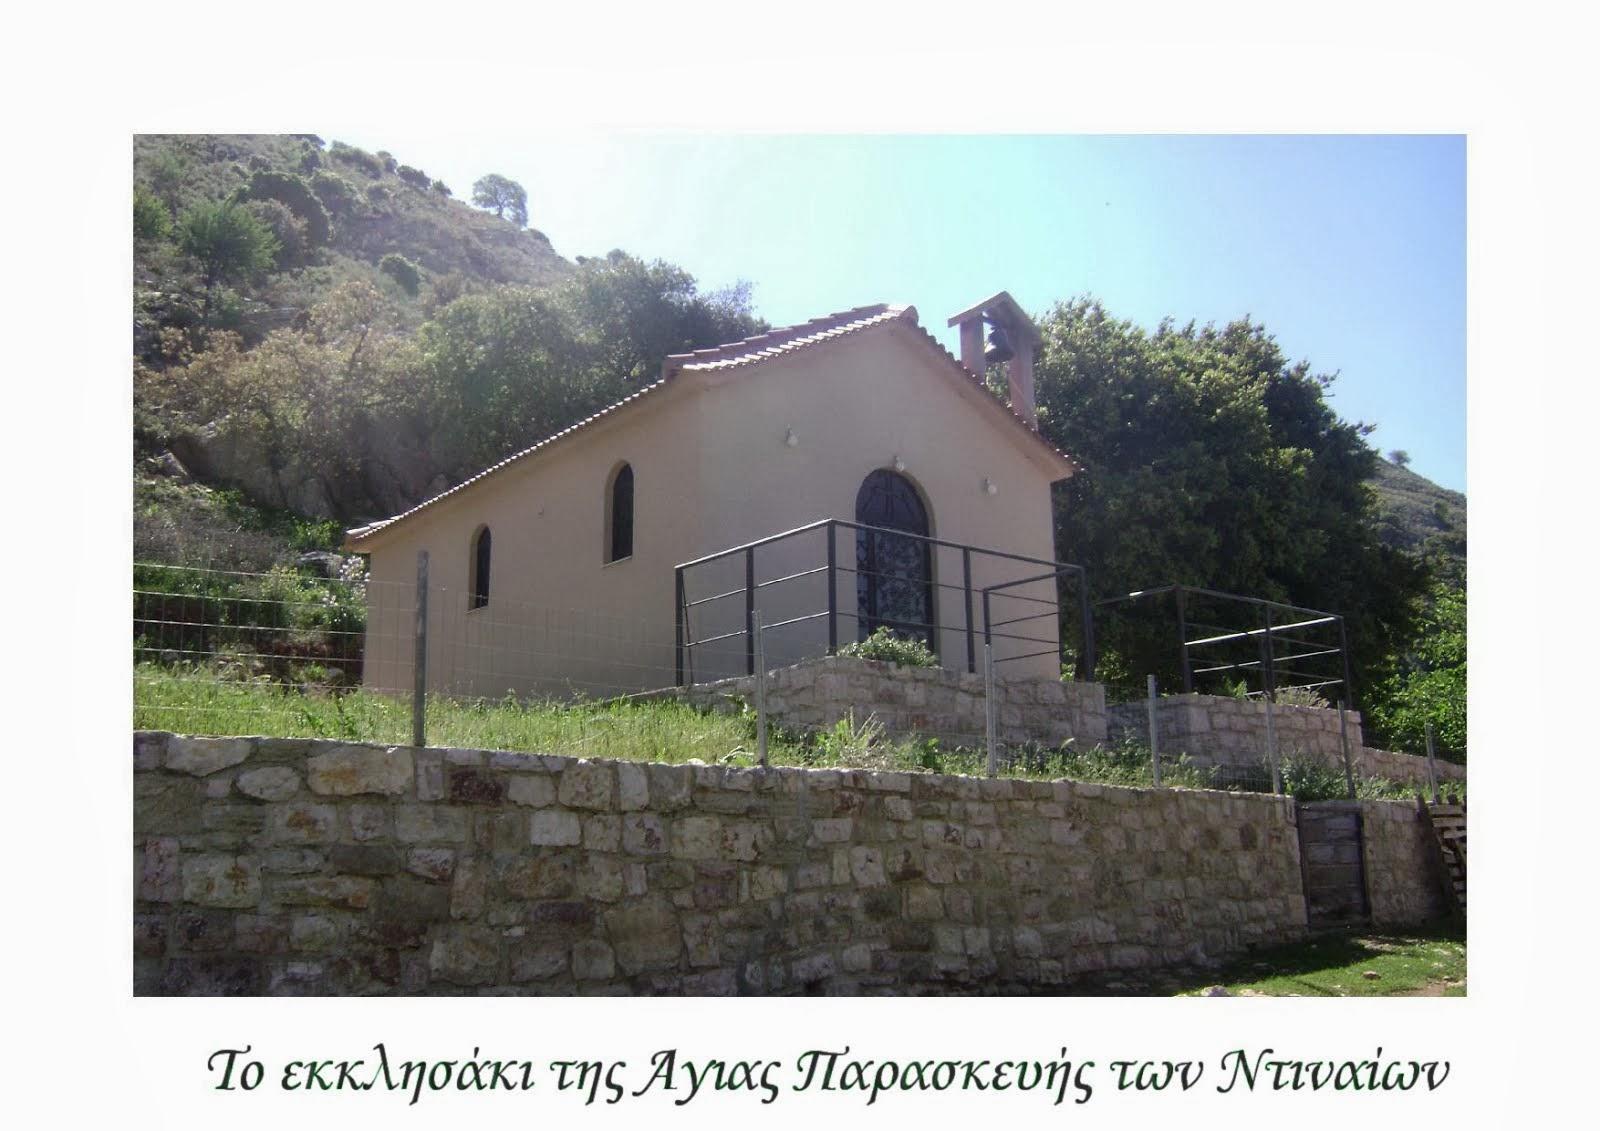 Το εκκλησάκι της Αγίας Παρασκευής των Ντιναίων